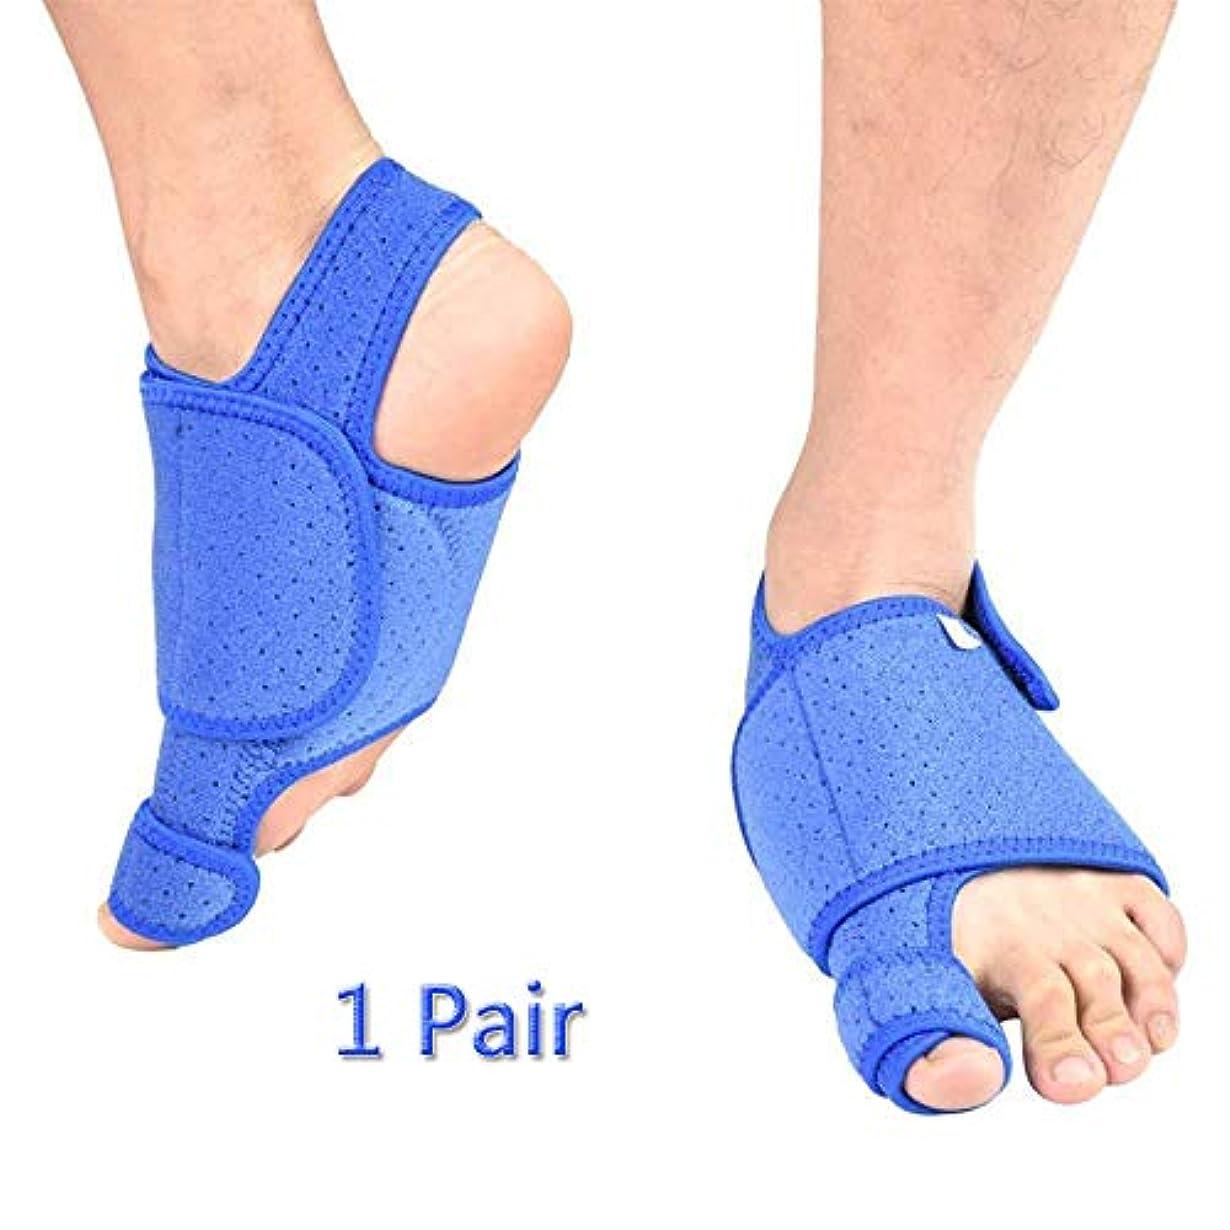 可能性摂氏緩やかな腰部のつま先用器具、ナイトバニオンのリリーフ、外反母painの痛みの緩和